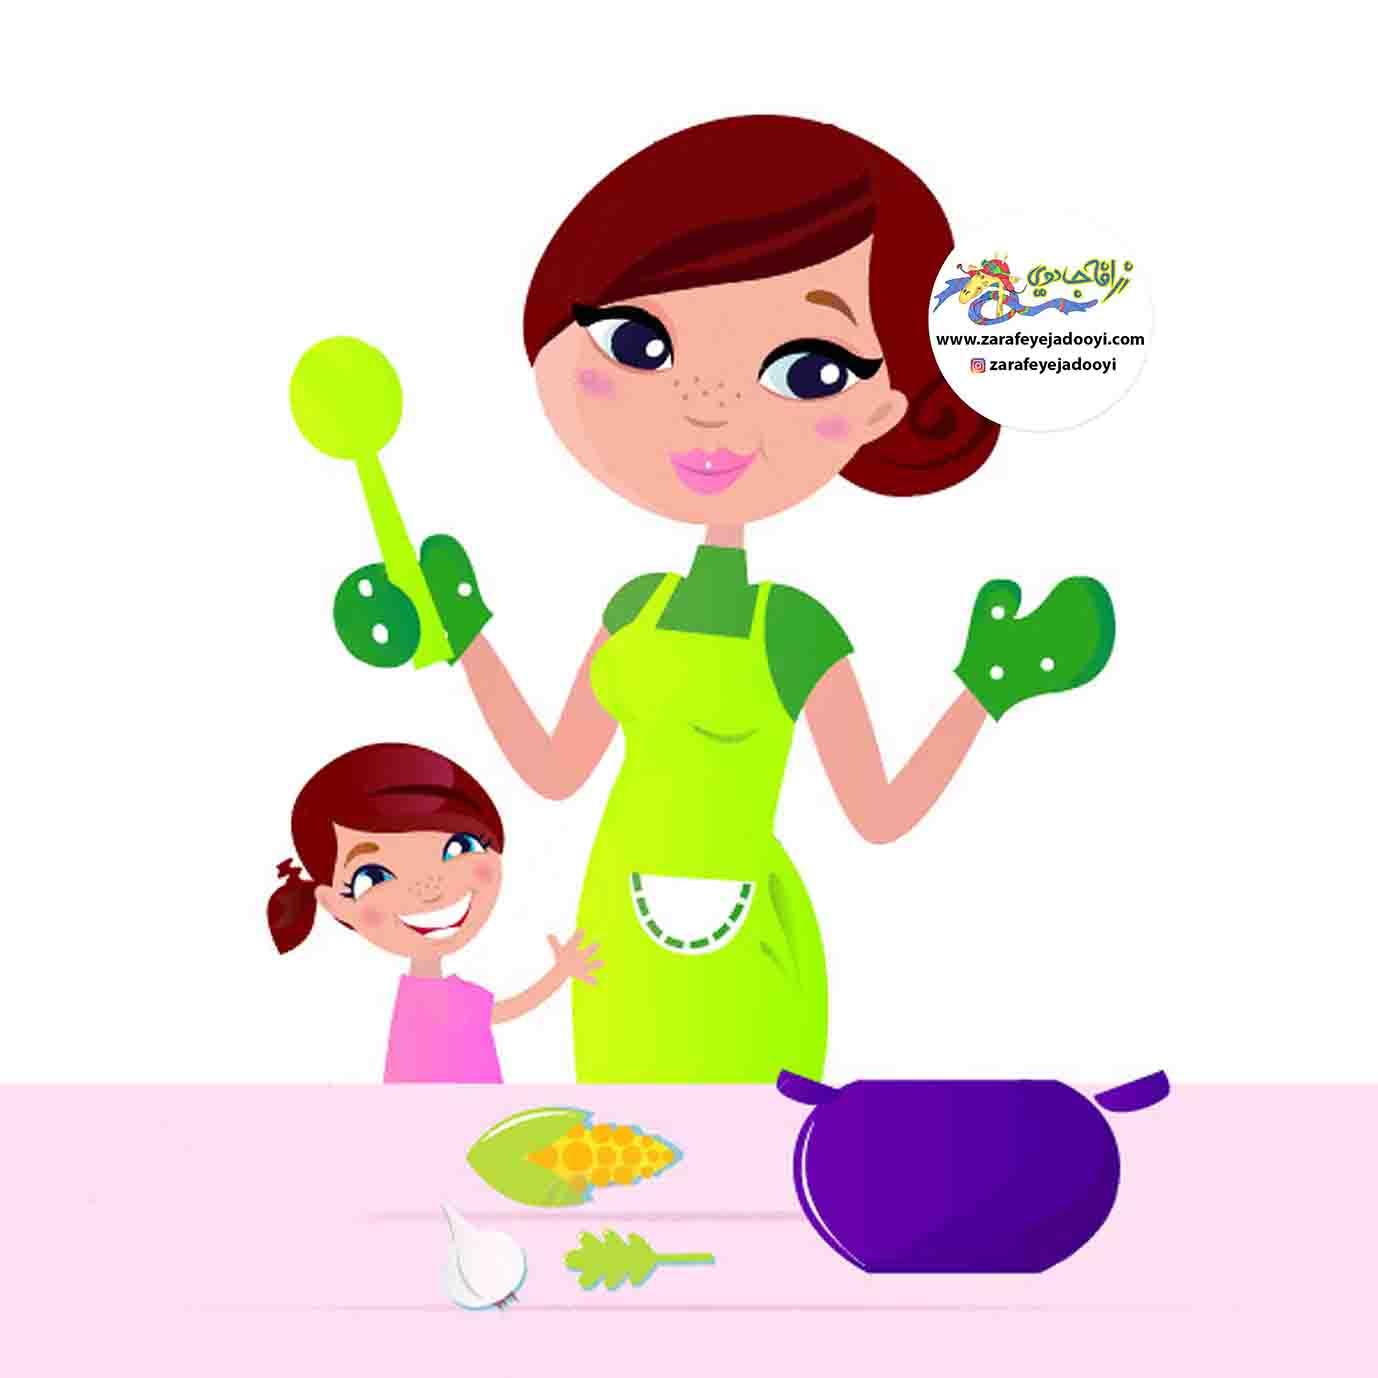 زرافه جادویی -پخت غذا با کودک